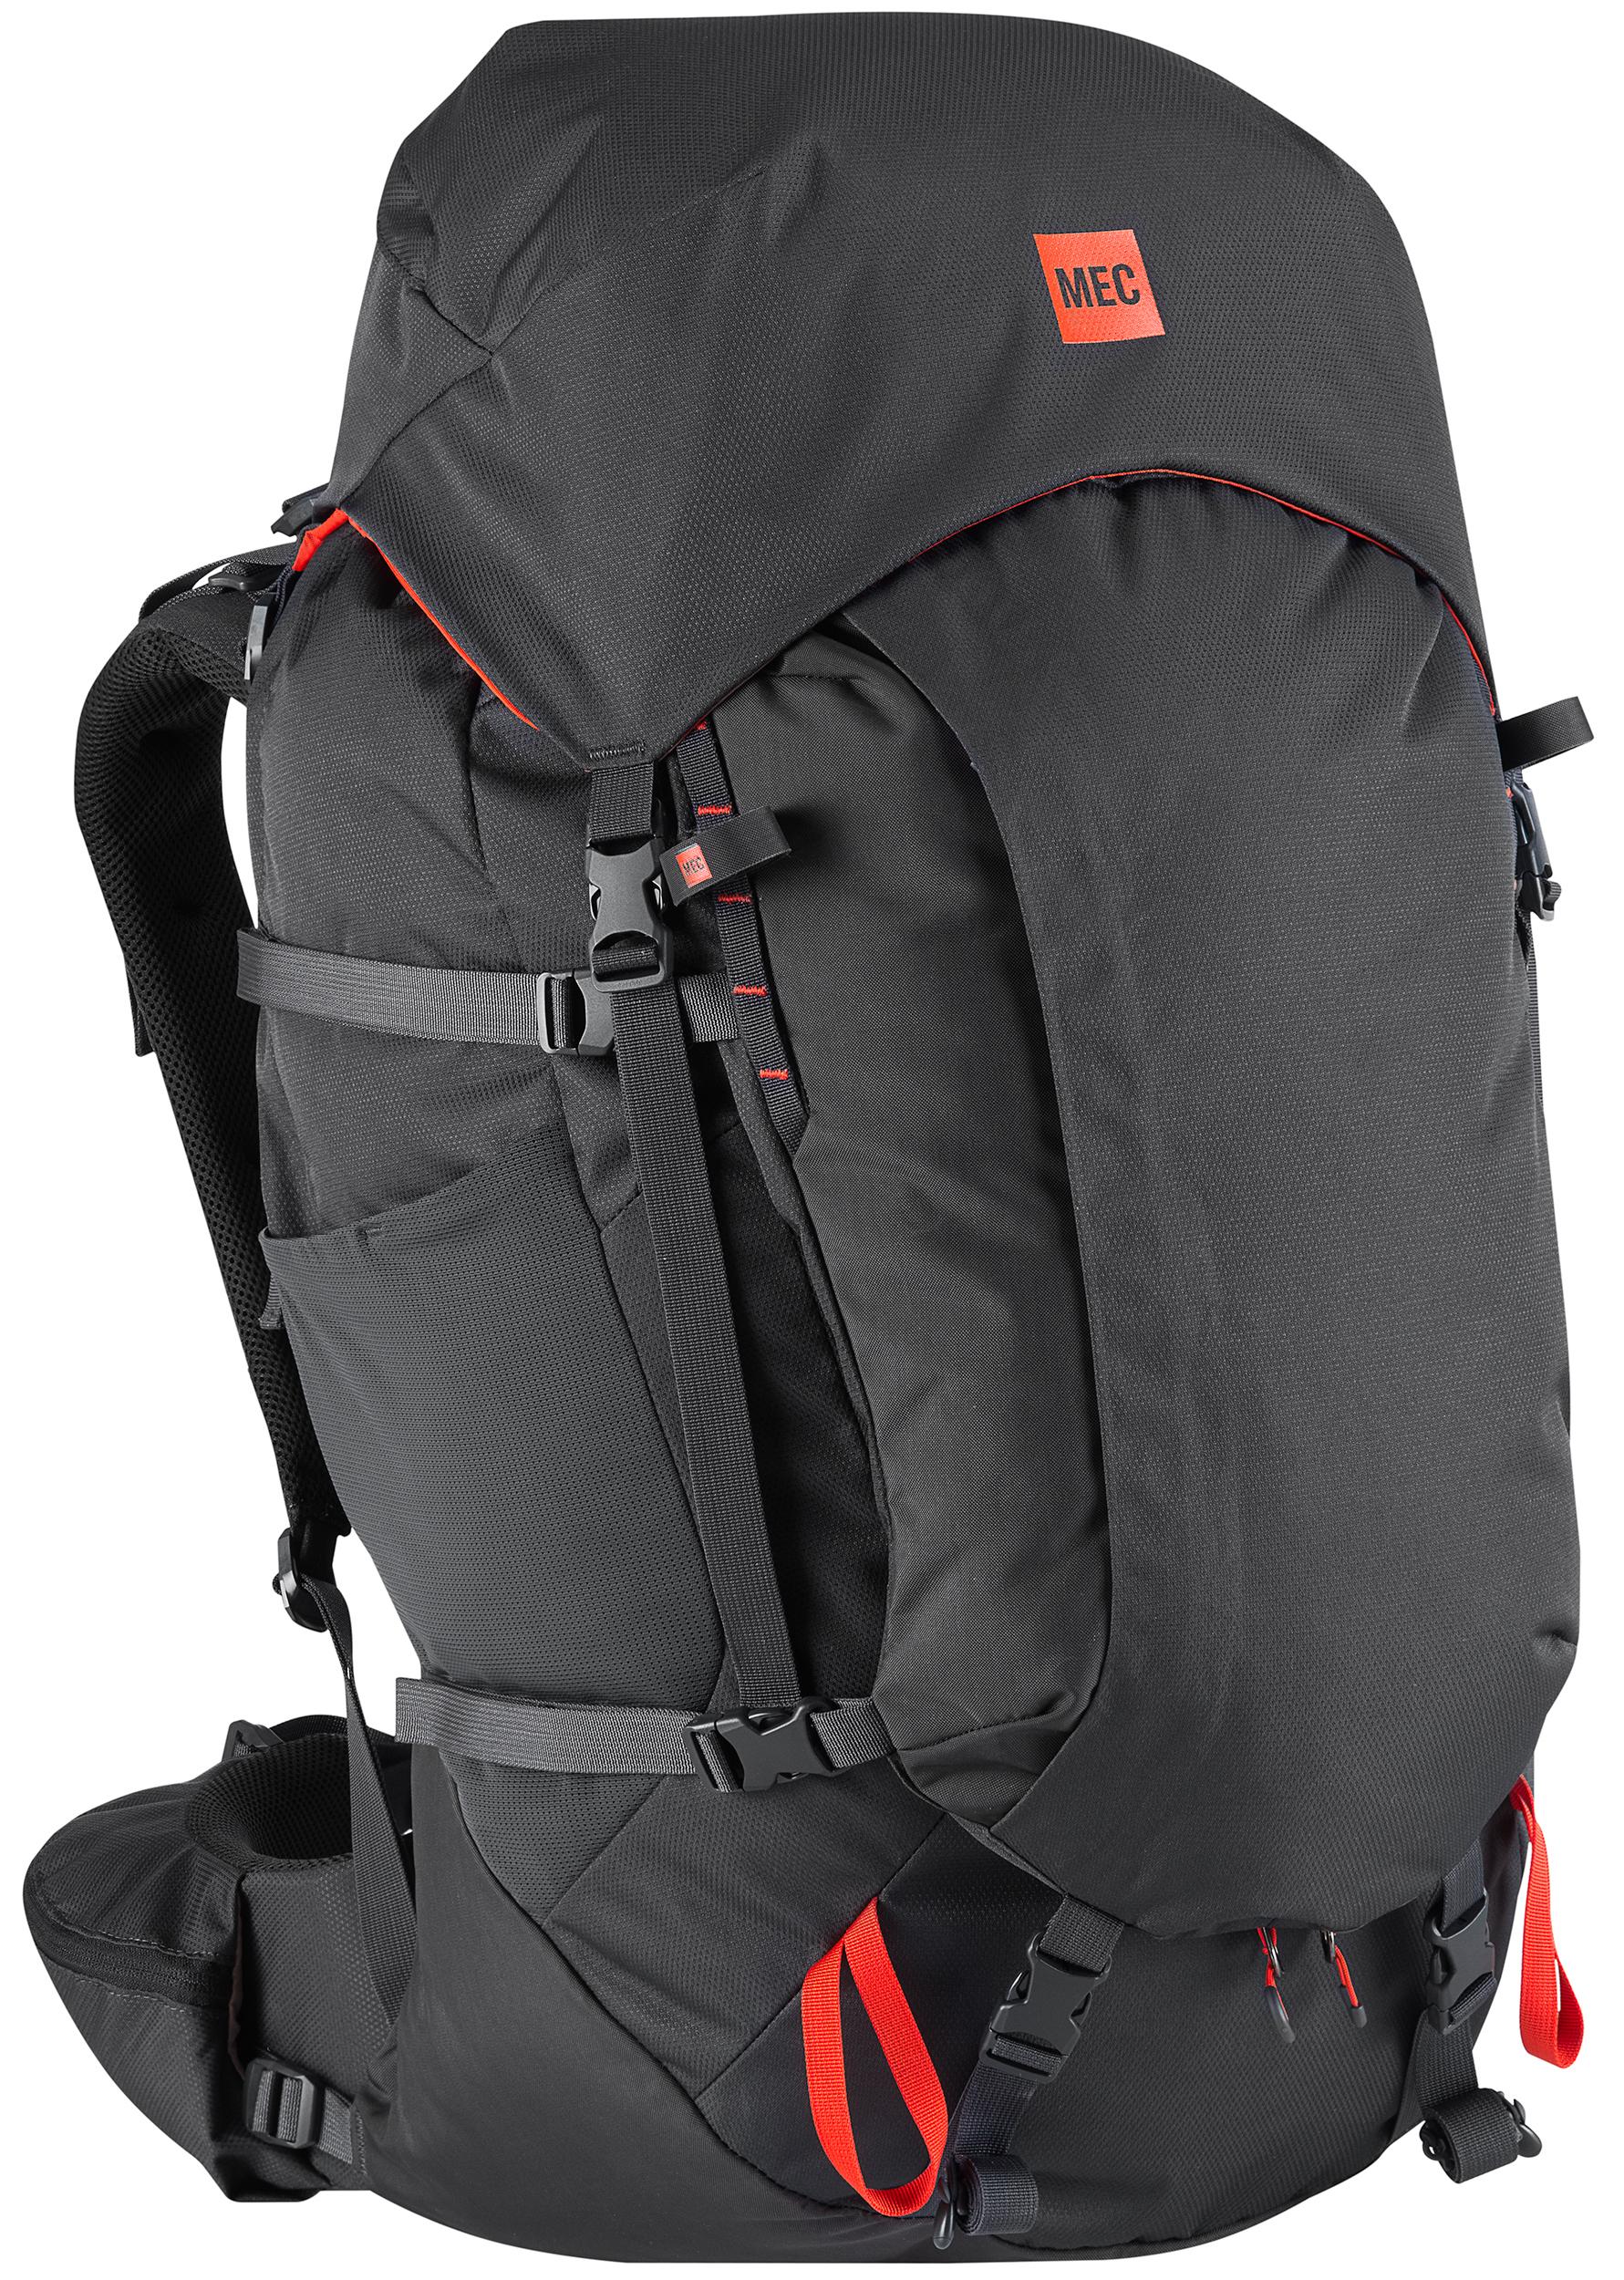 MEC Forge 65 Backpack - Men\u0027s